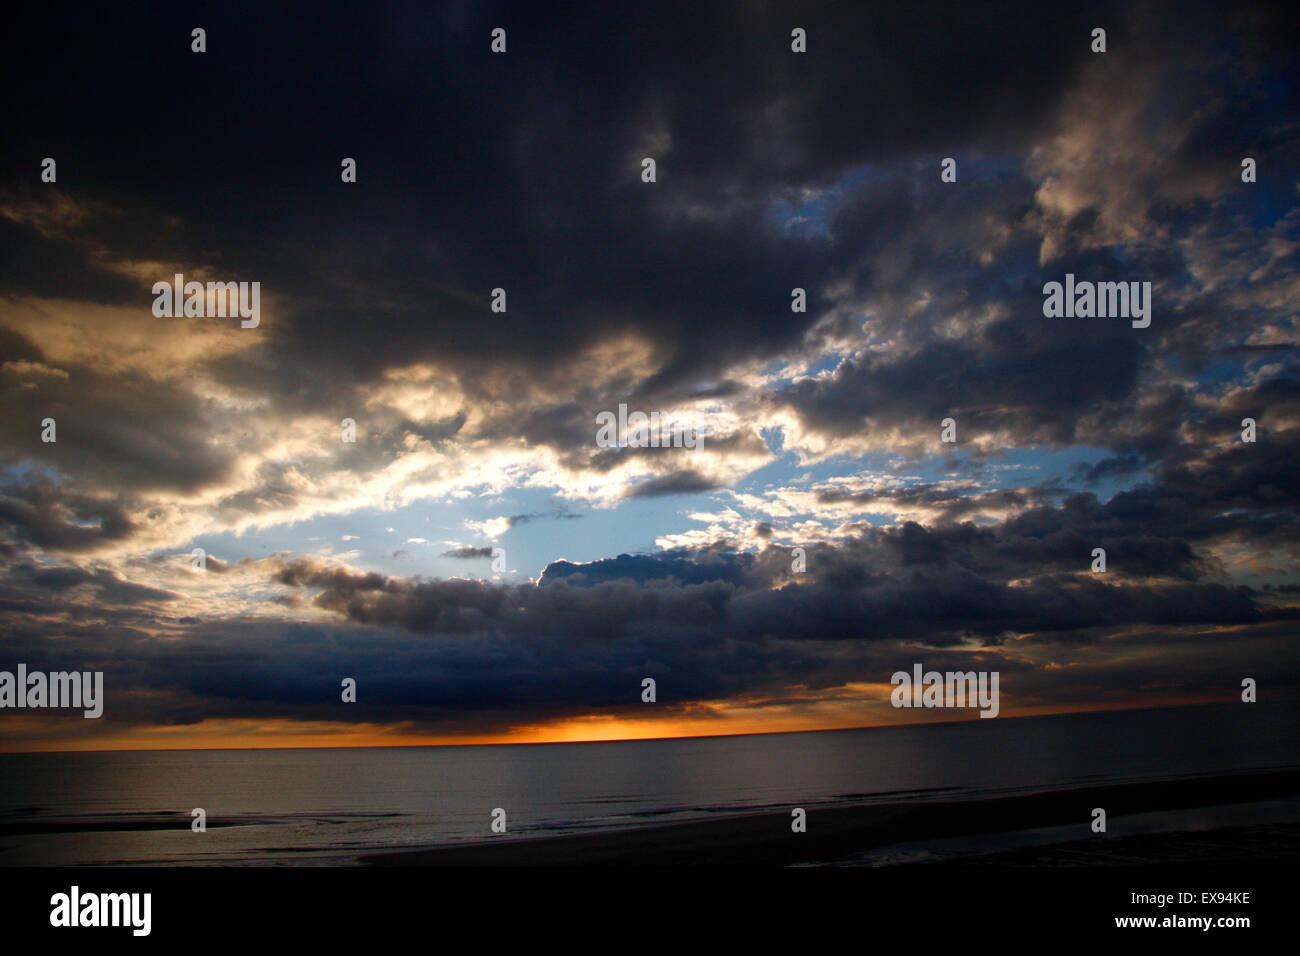 Impressionen: Himmel, Sylt. Stockbild